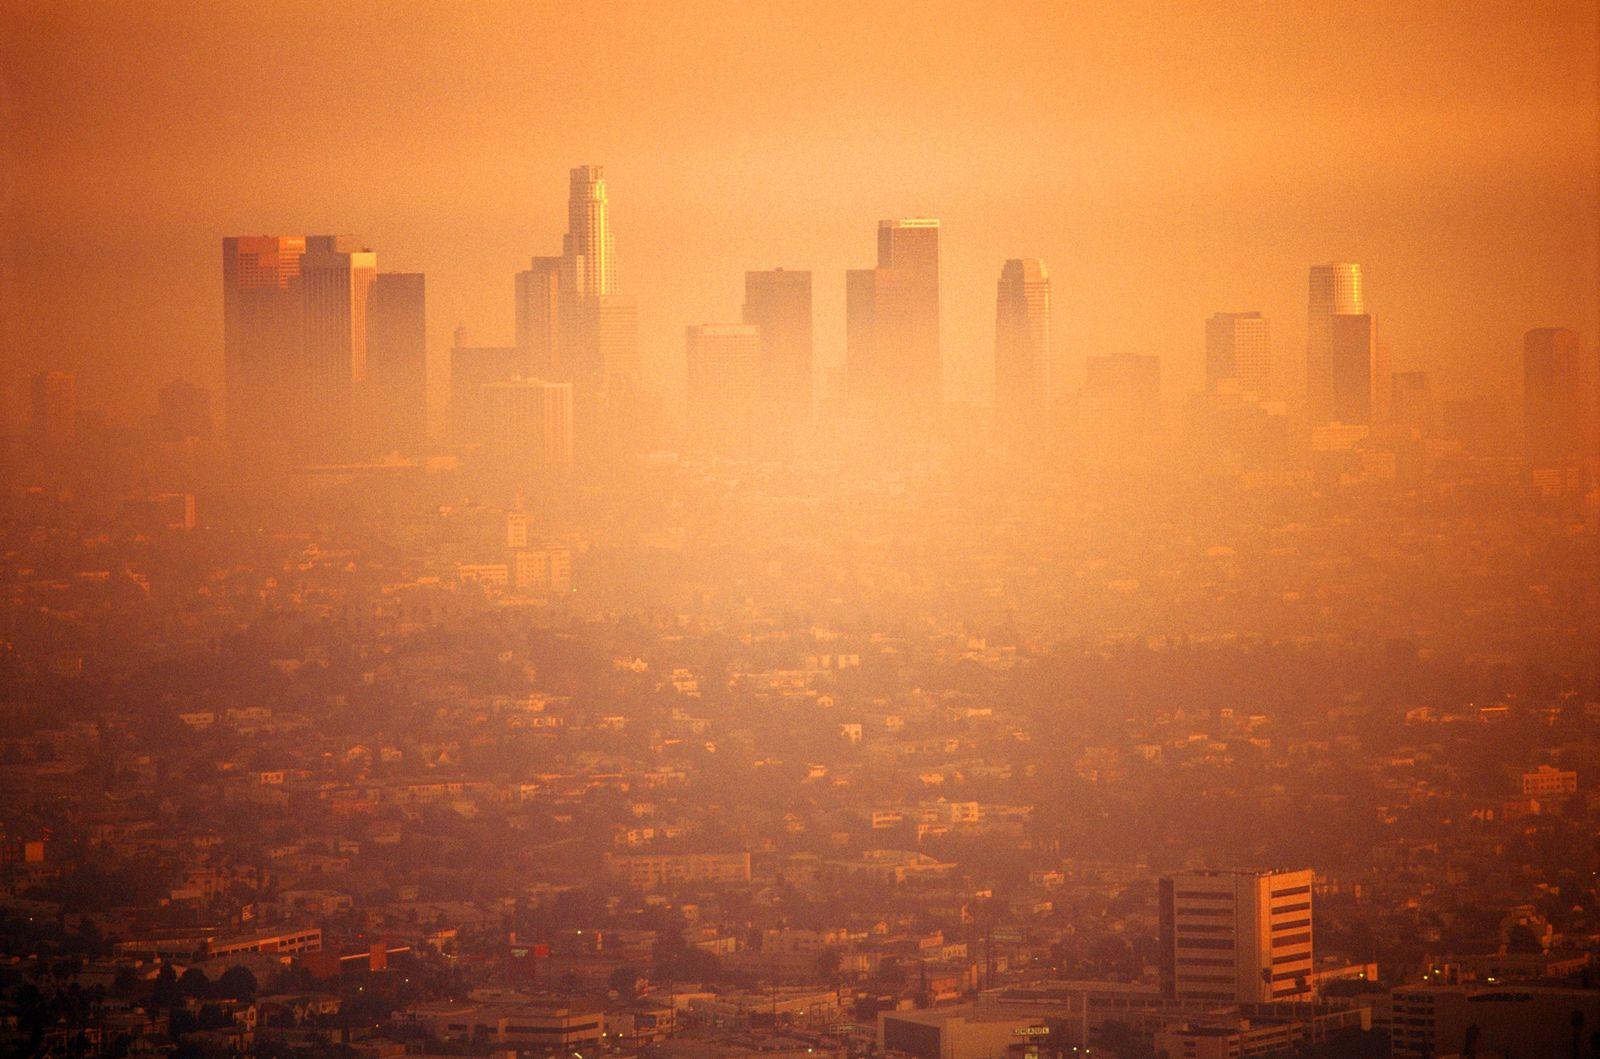 NICHT MEHR VERWENDEN! - Smog / Los Angeles